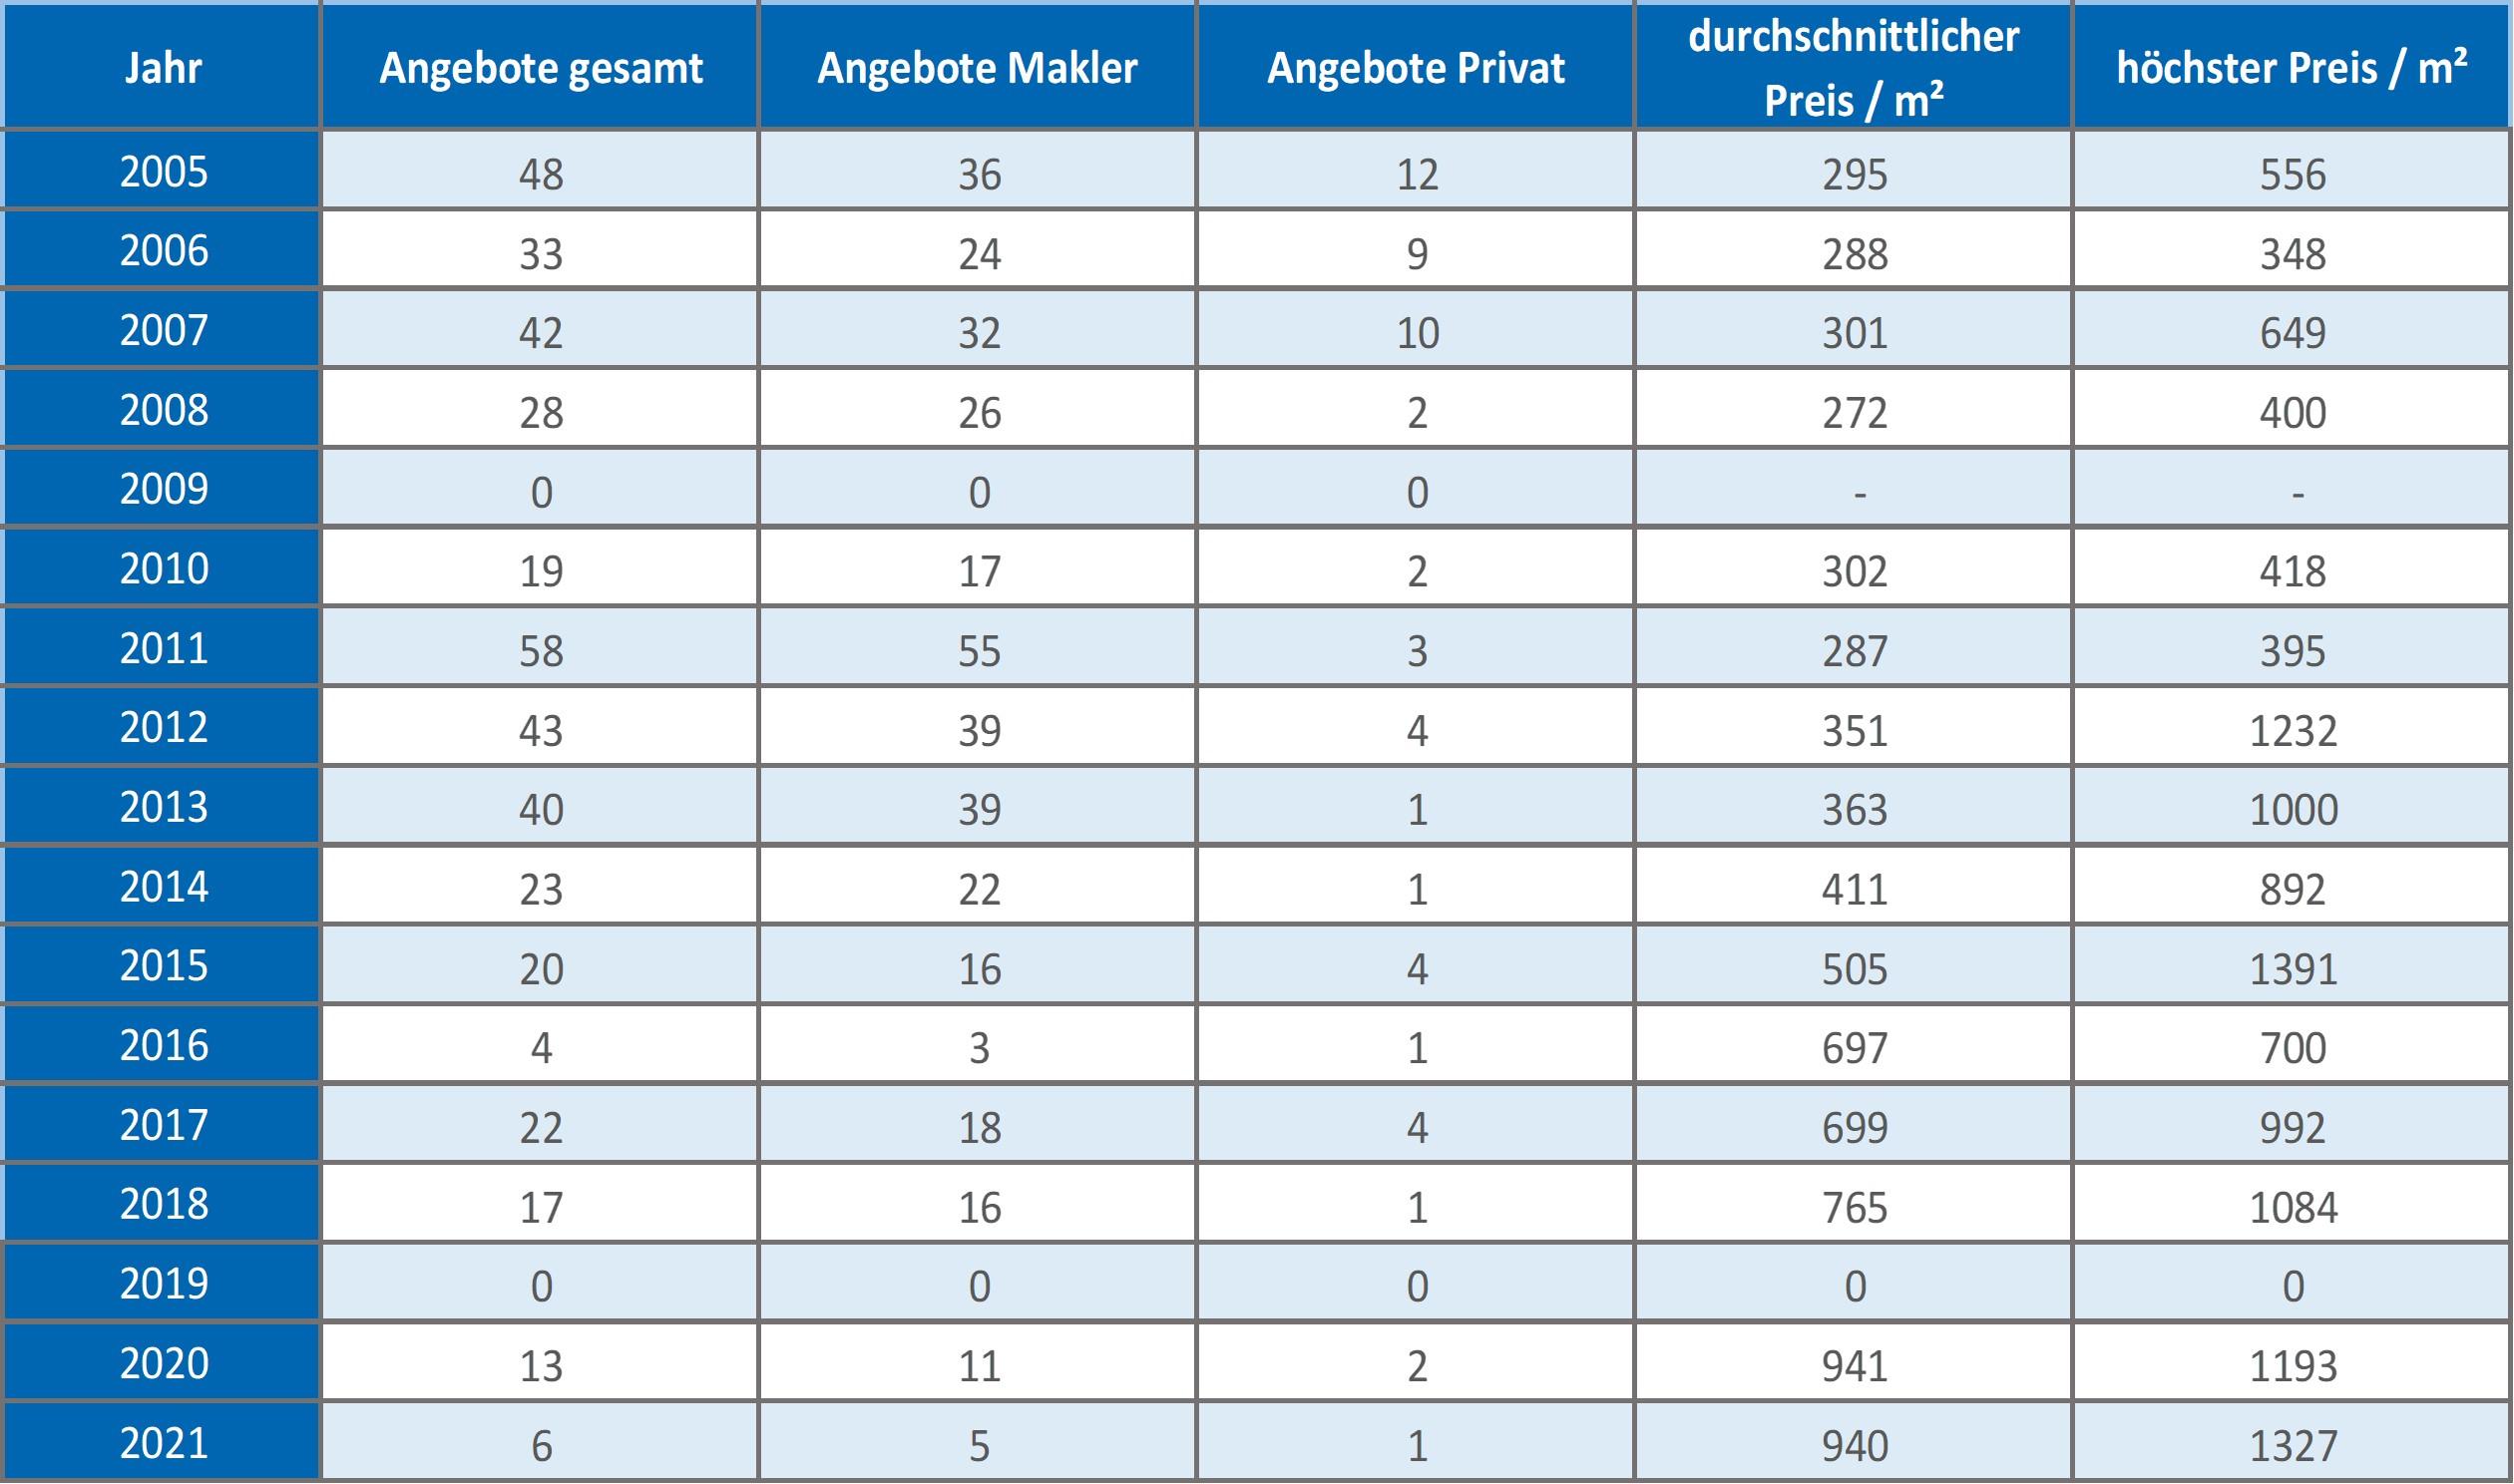 Bruckmühl-Grundstück-kaufen-verkaufen-Makler 2019 2020 2021